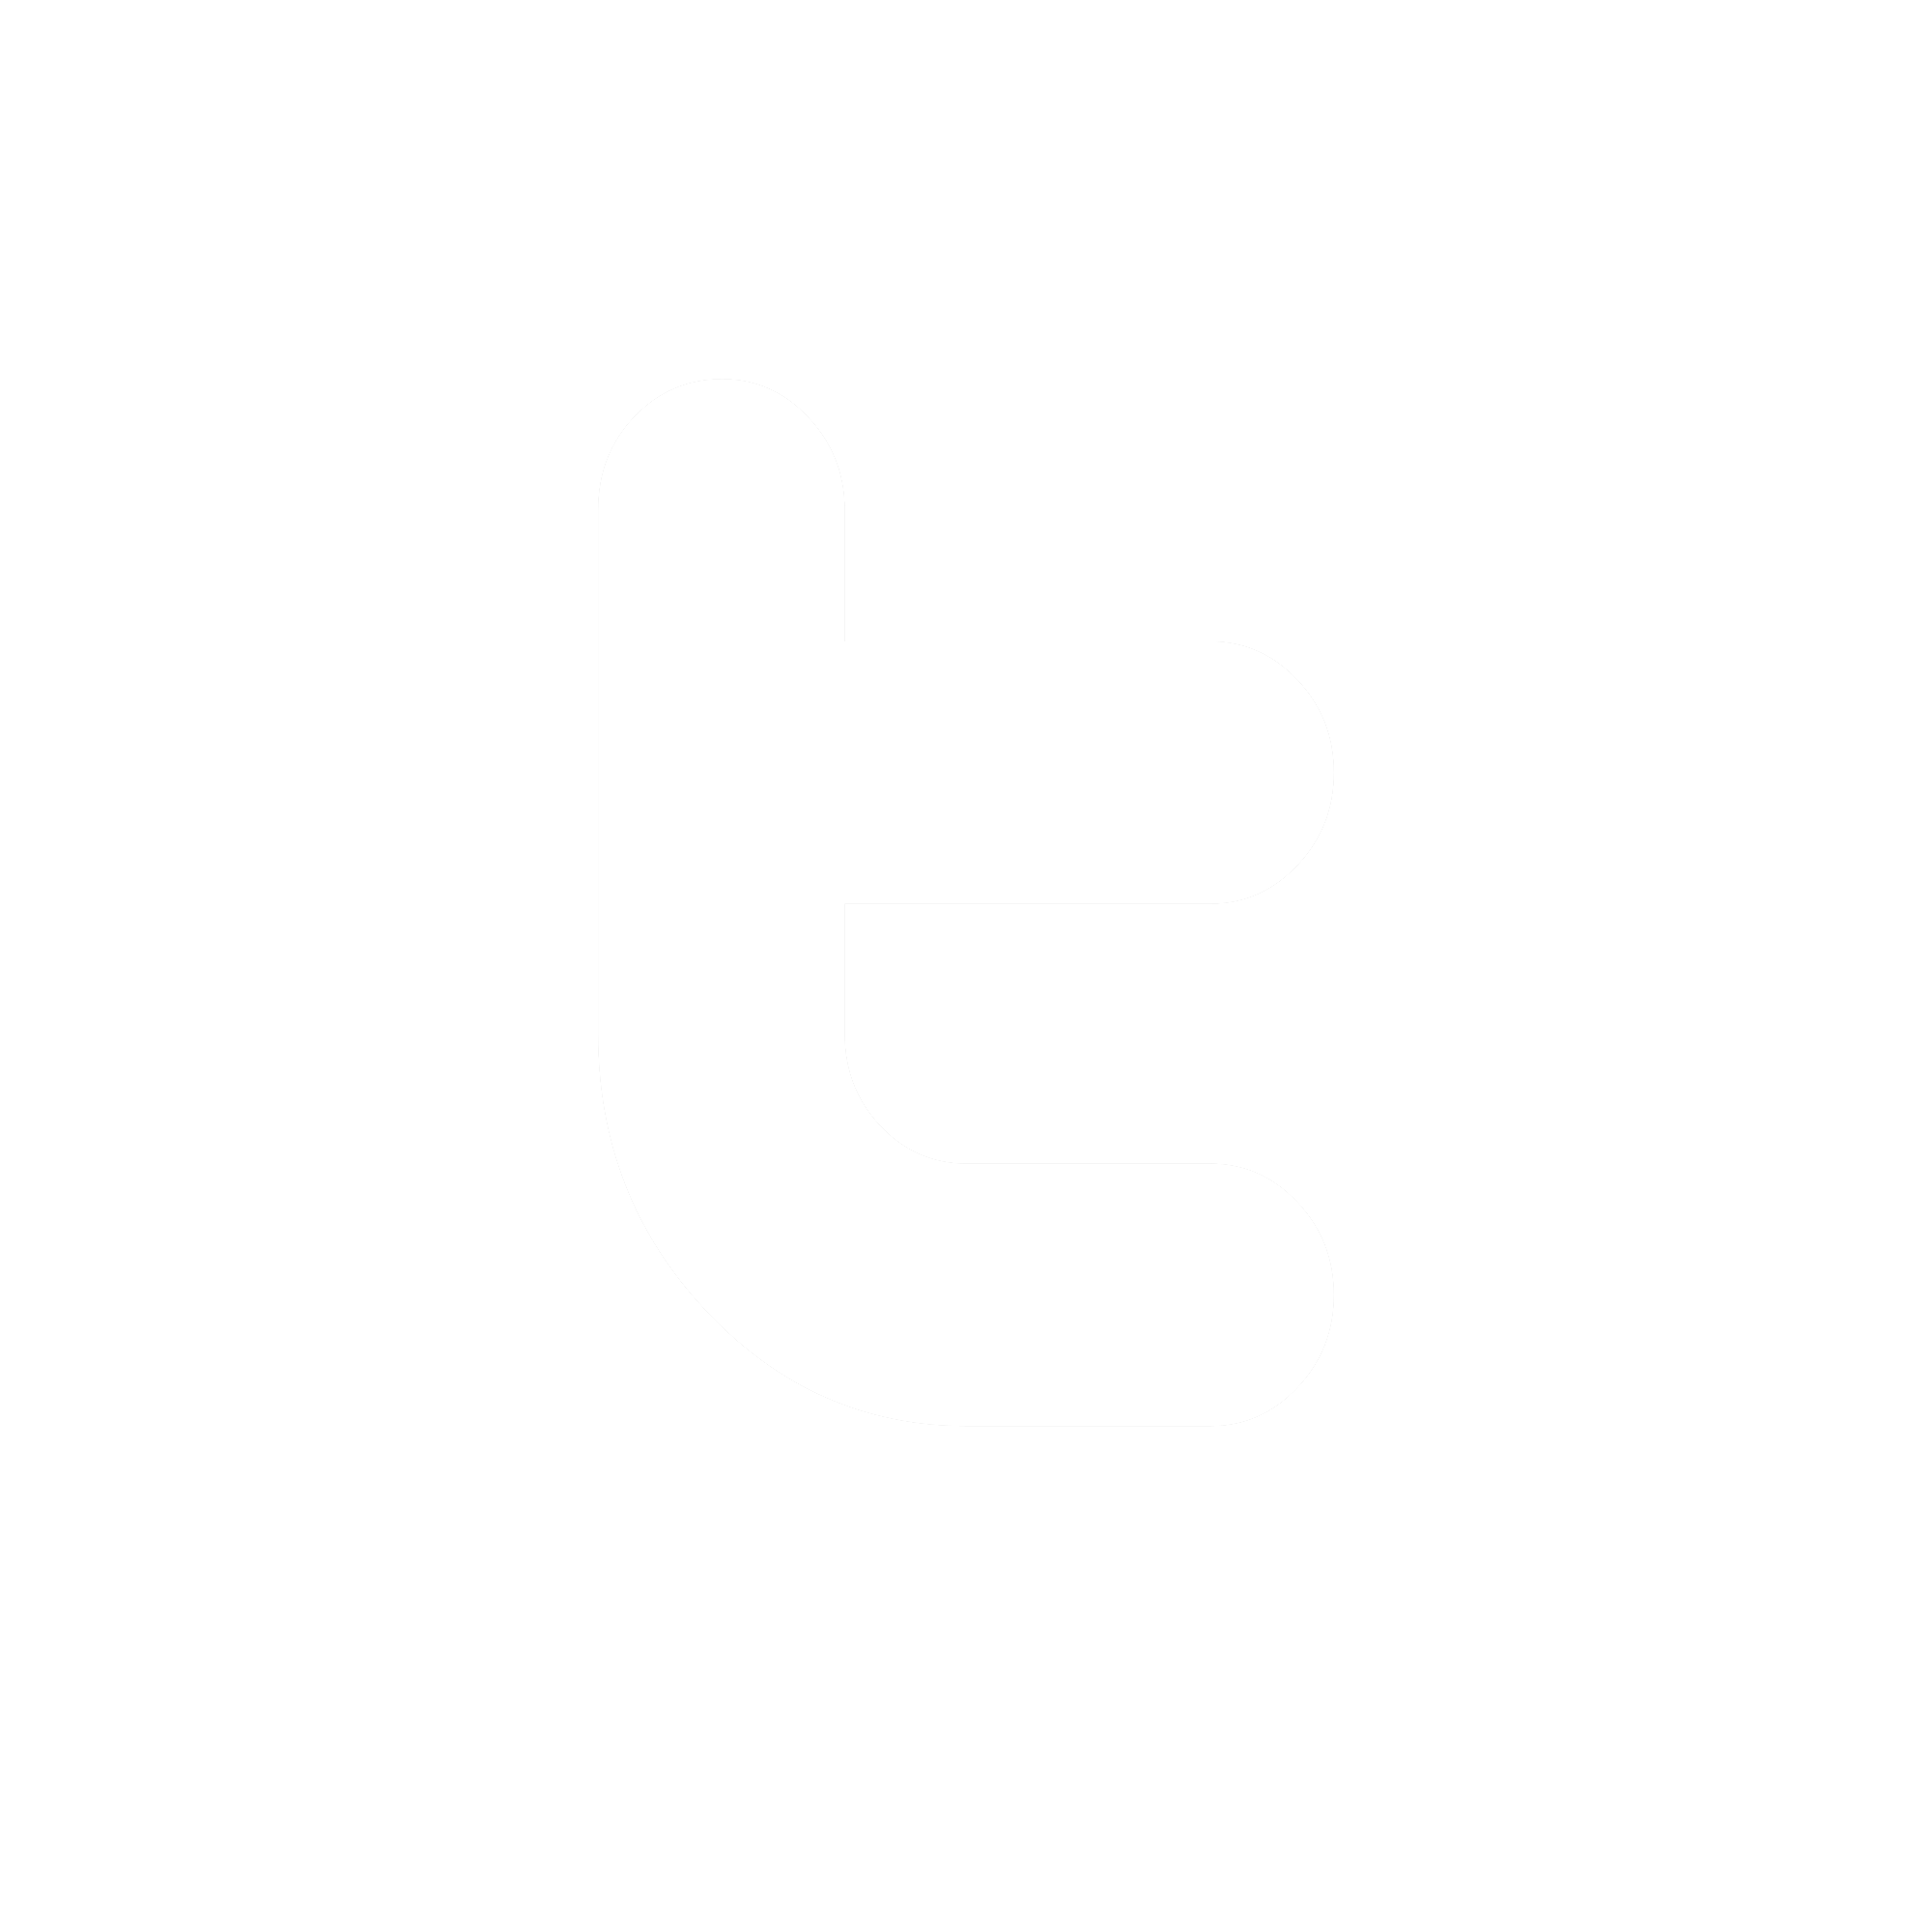 Srayroq Inc. Twitter Network